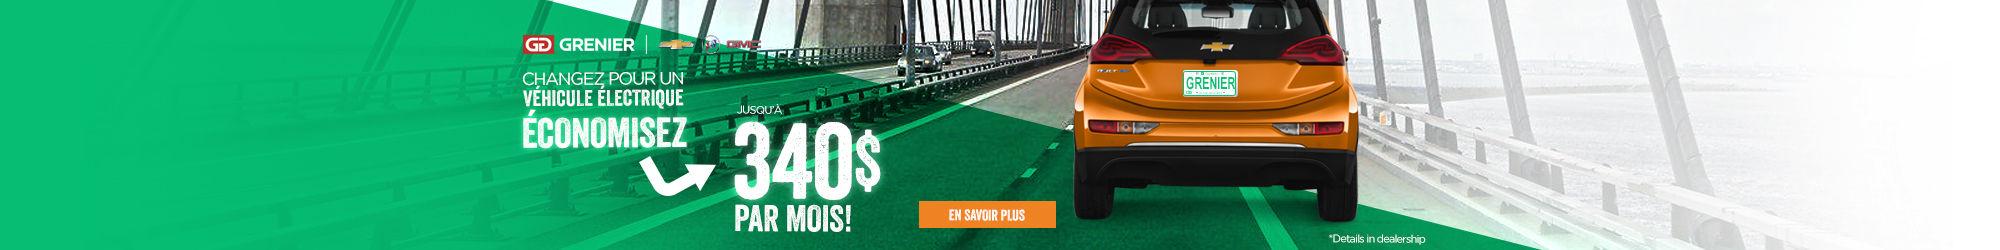 Économisez avec un véhicule électrique!